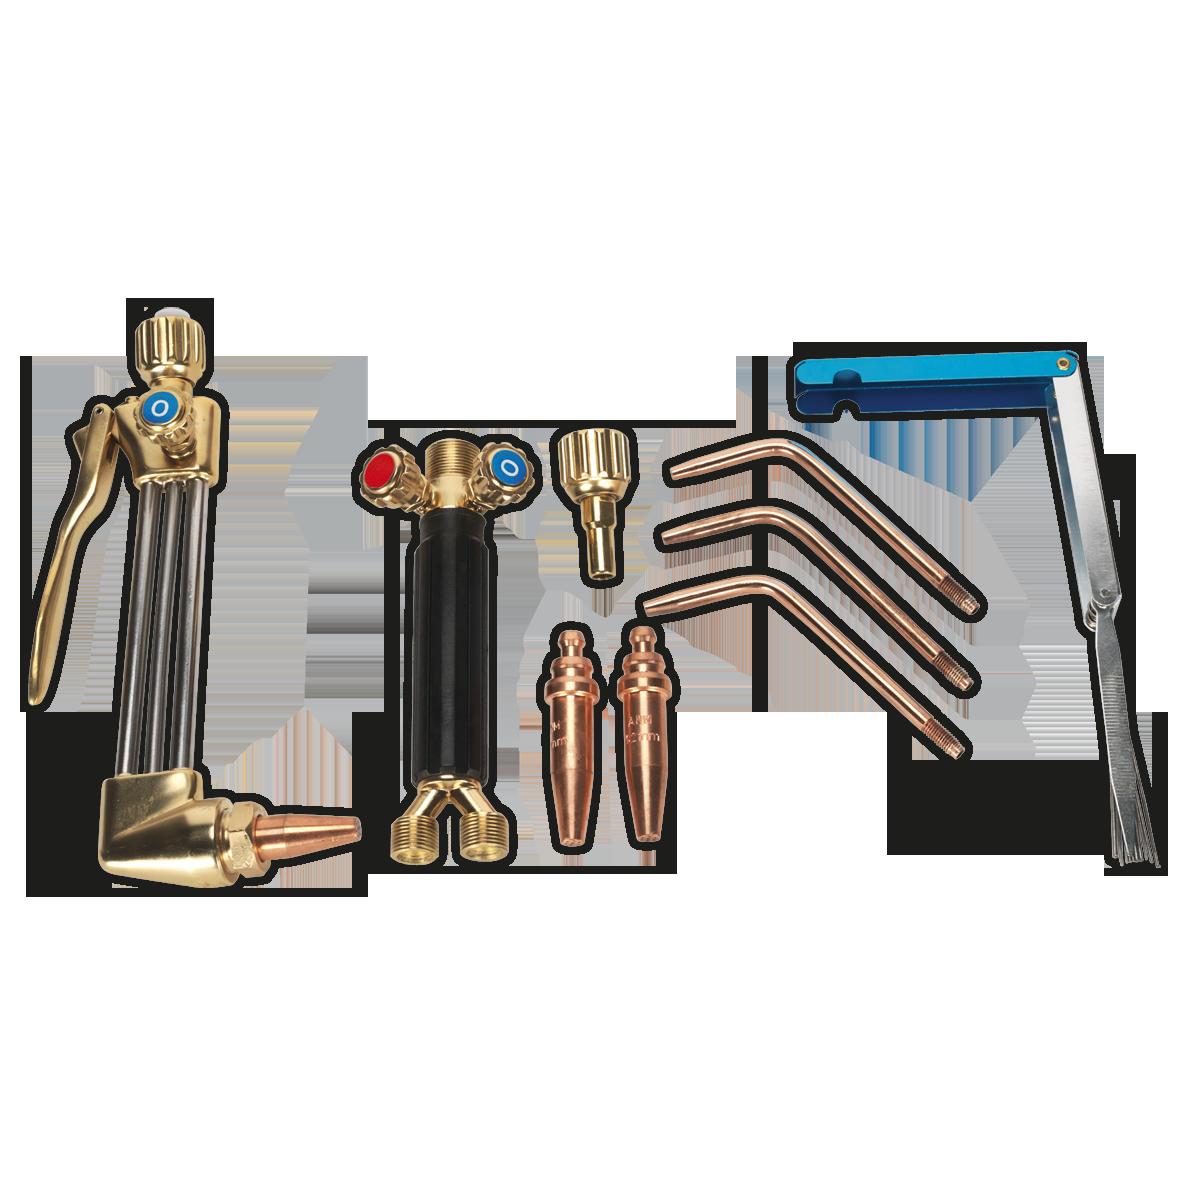 Oxyacetylene Welding/Cutting Torch Set